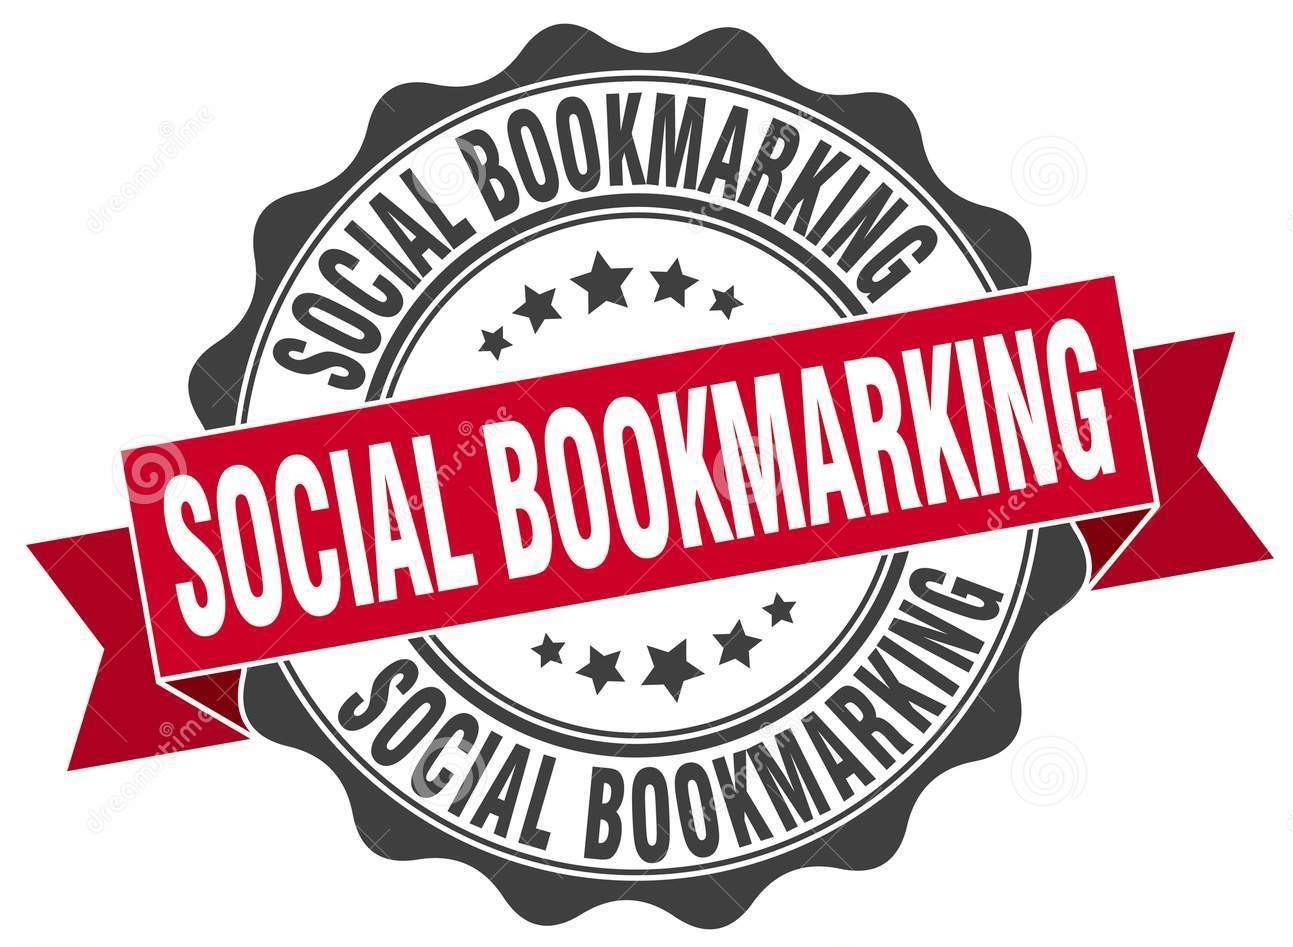 High PR 40 Social Bookmarking Backlinks For Websites